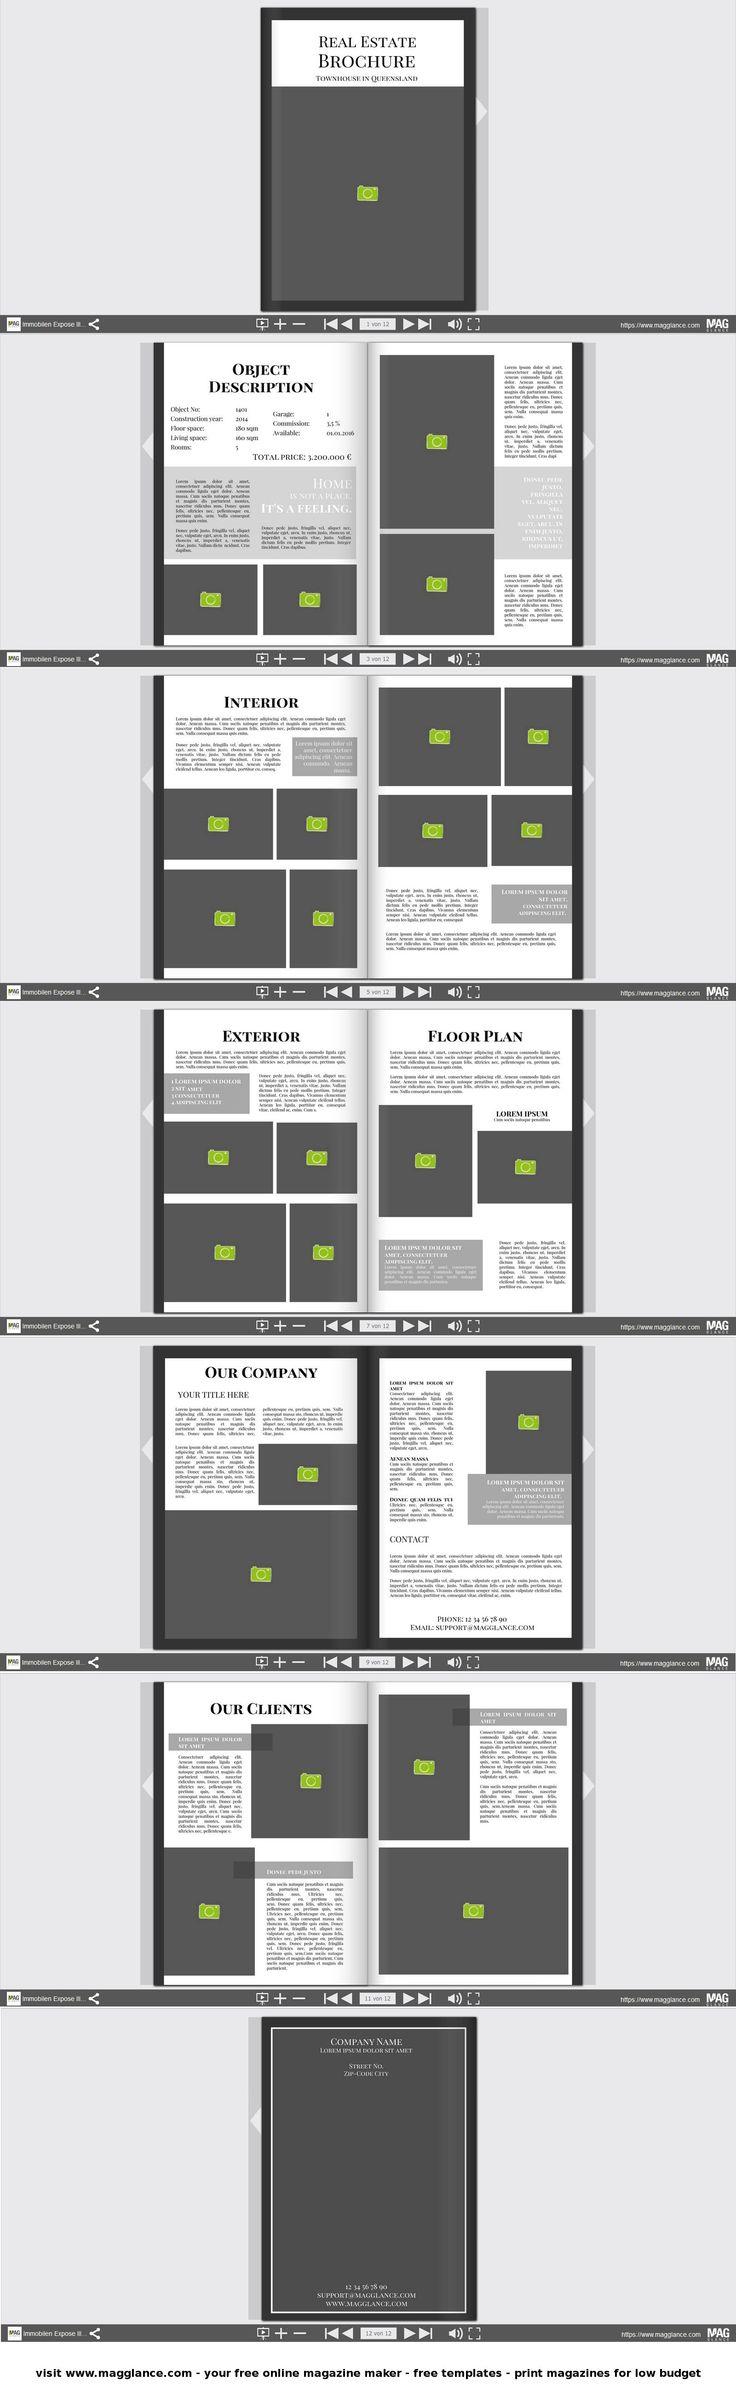 Immobilien Expose kostenlos online erstellen und günstig drucken unter de.magglance.com #Immobilien Expose #Wohnen #Immobilien Makler #DIY #Vorlage #Design #Muster #Beispiel #Template #Gestalten #Erstellen #Layout